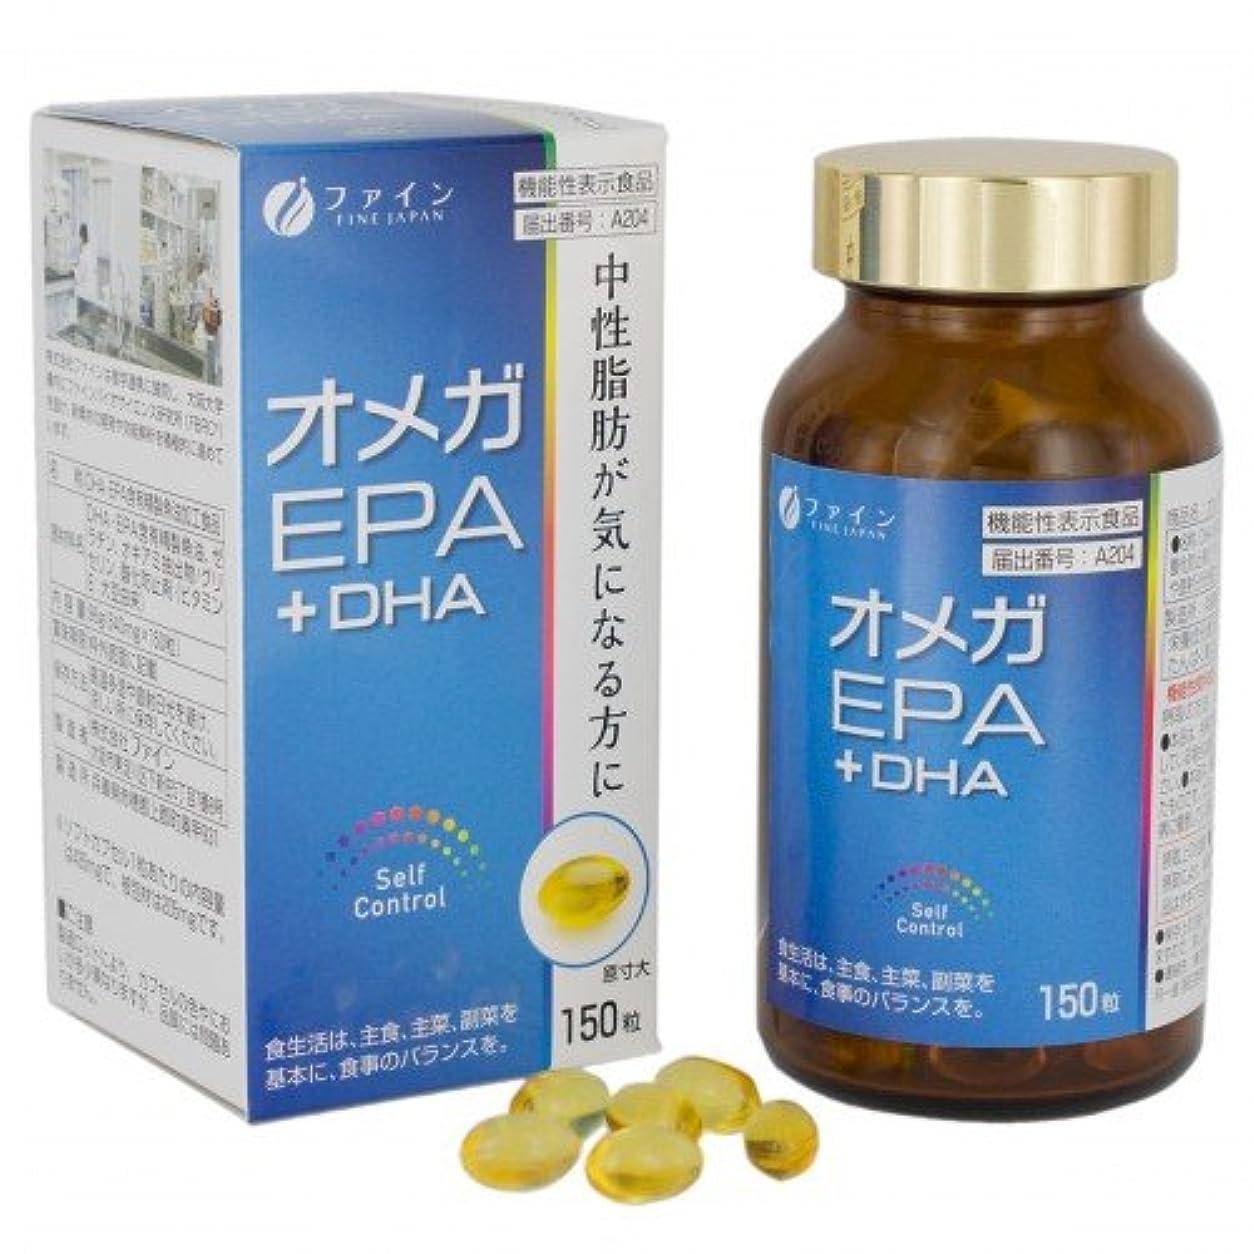 閉じ込める作るうんざりファイン 機能性表示食品 オメガEPA+DHA 150粒 中性脂肪が気になる方に